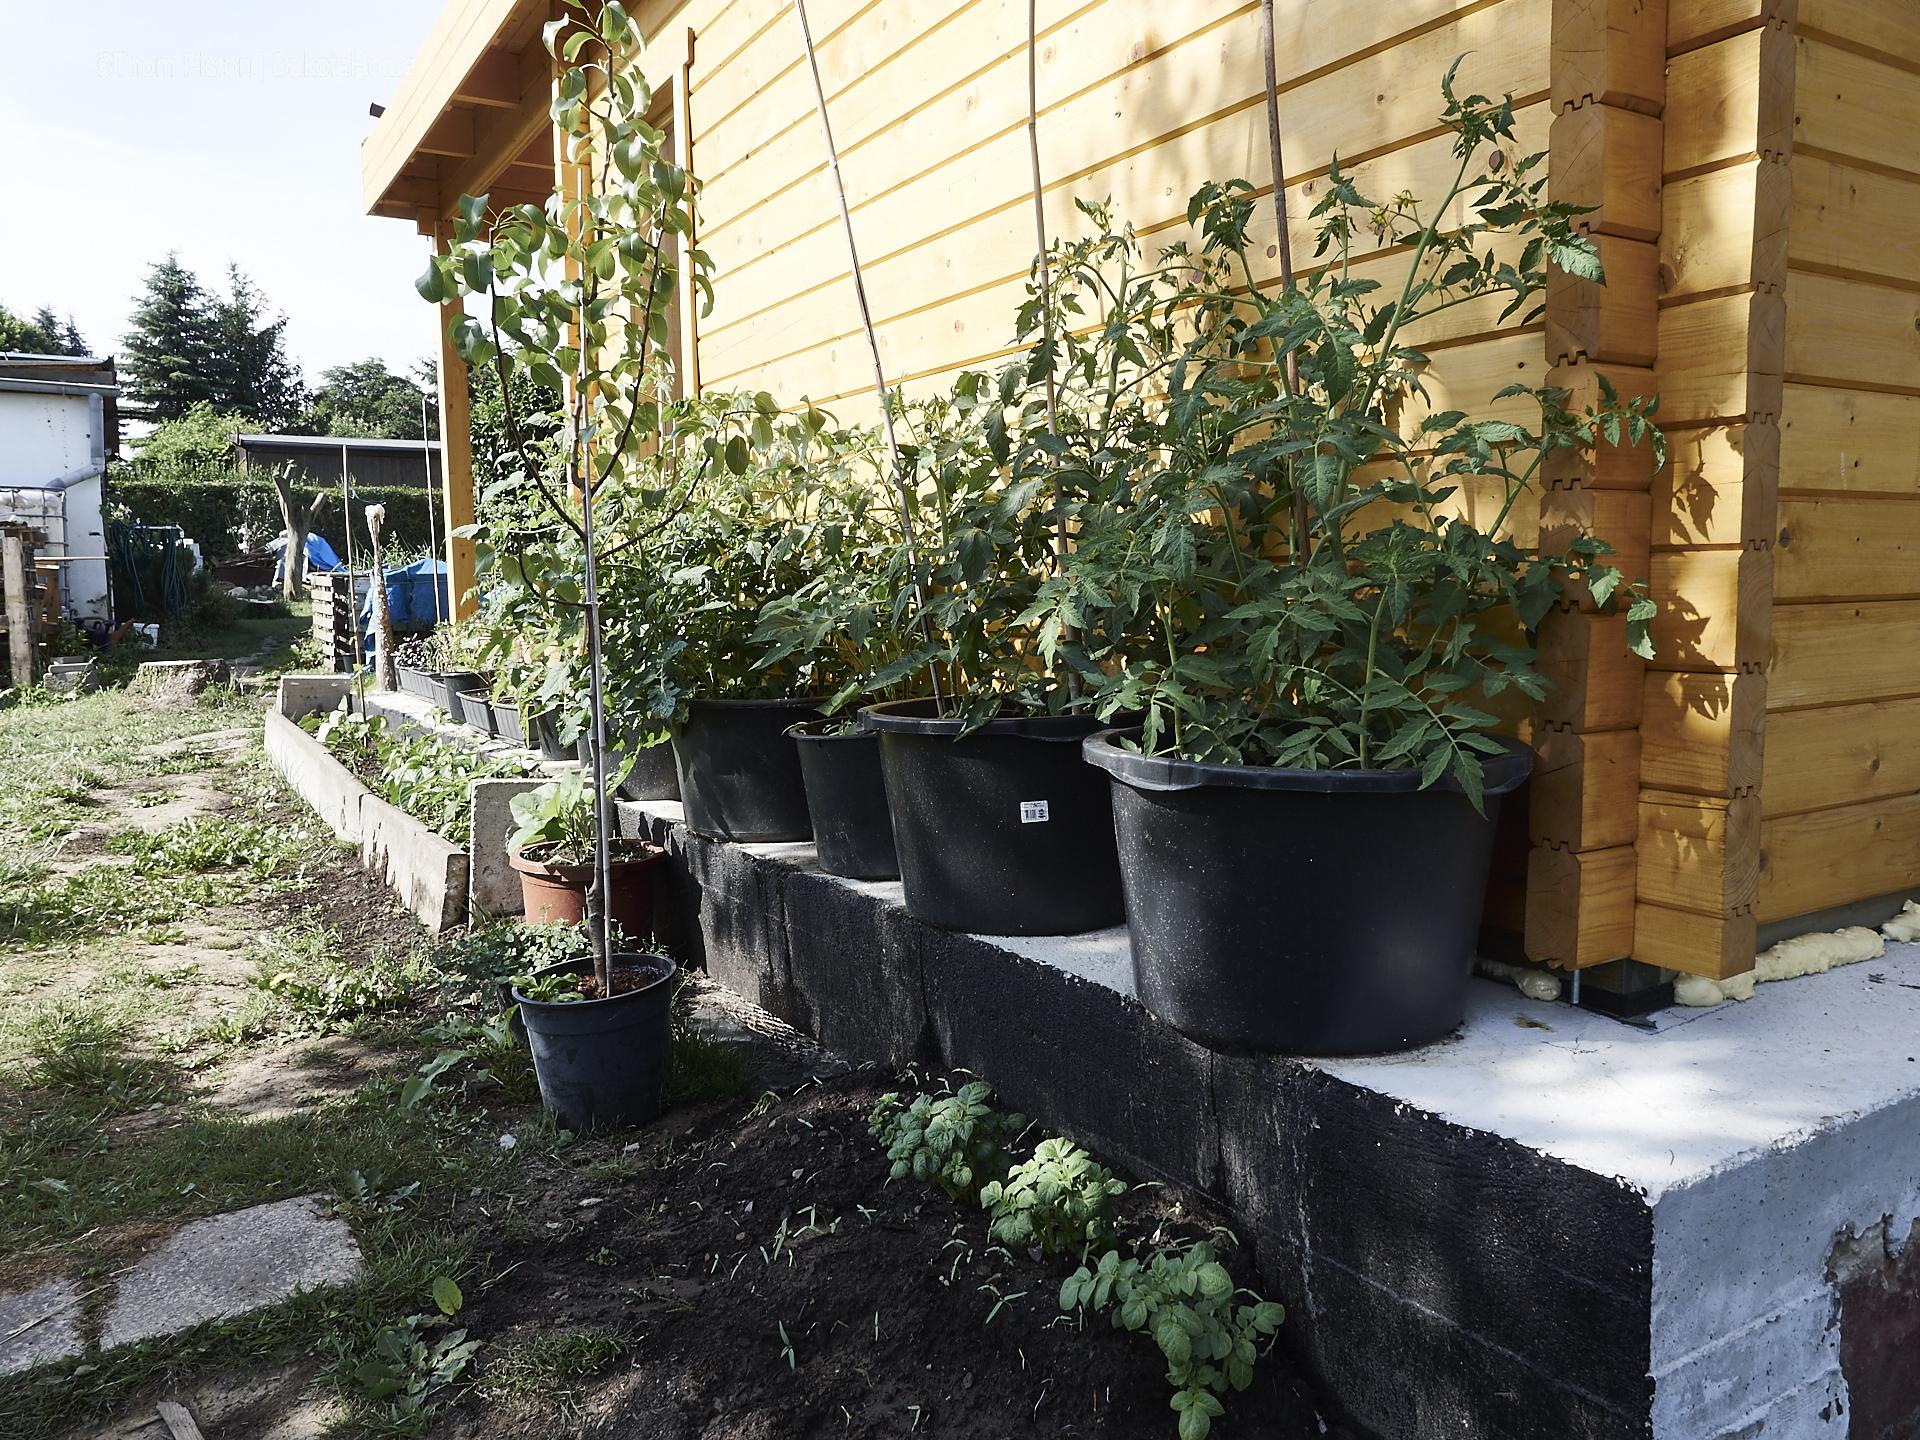 Tinyhouse Garten – stand letzte Woche